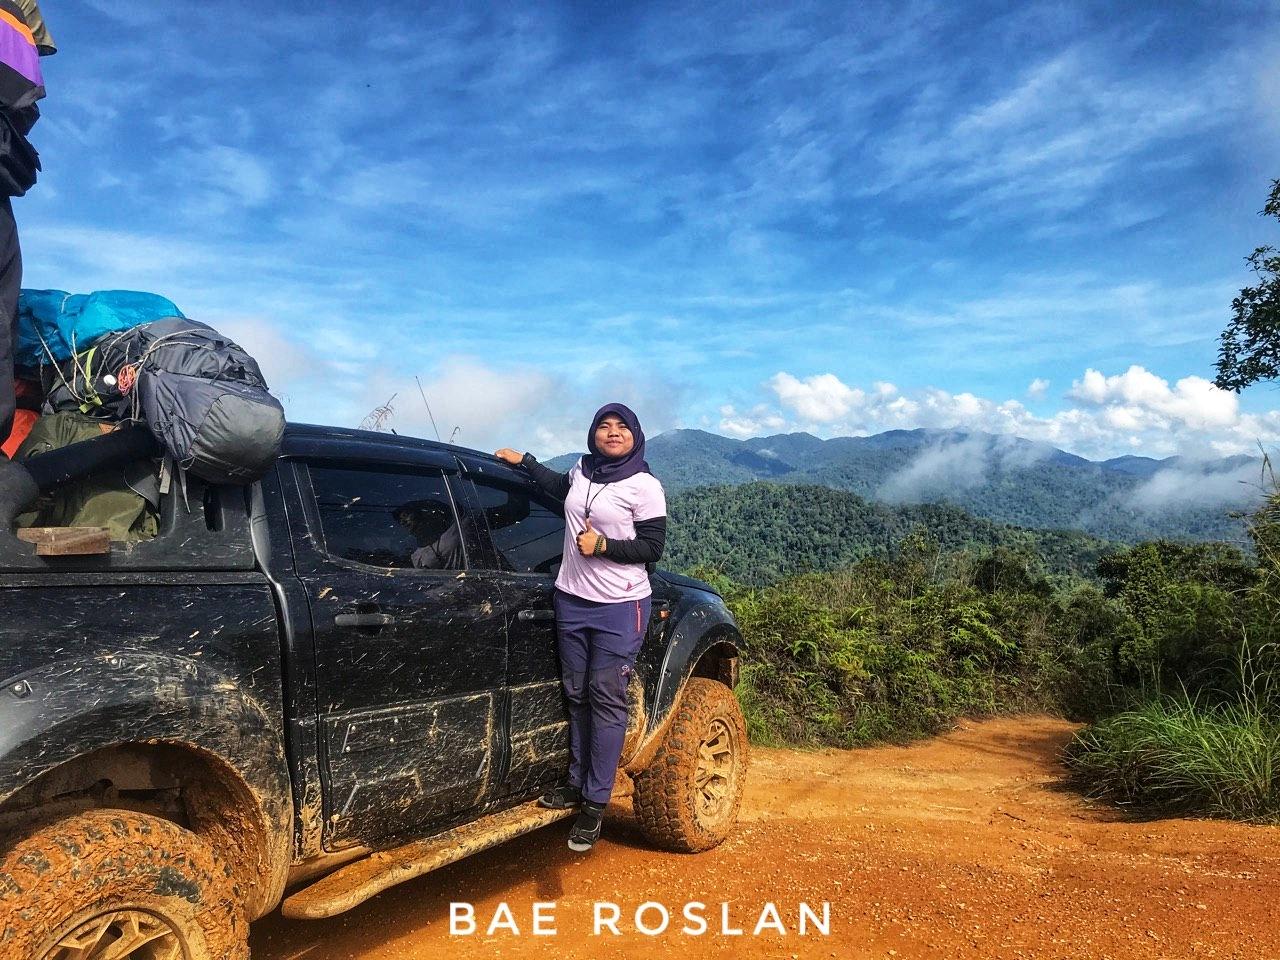 Bae Roslan